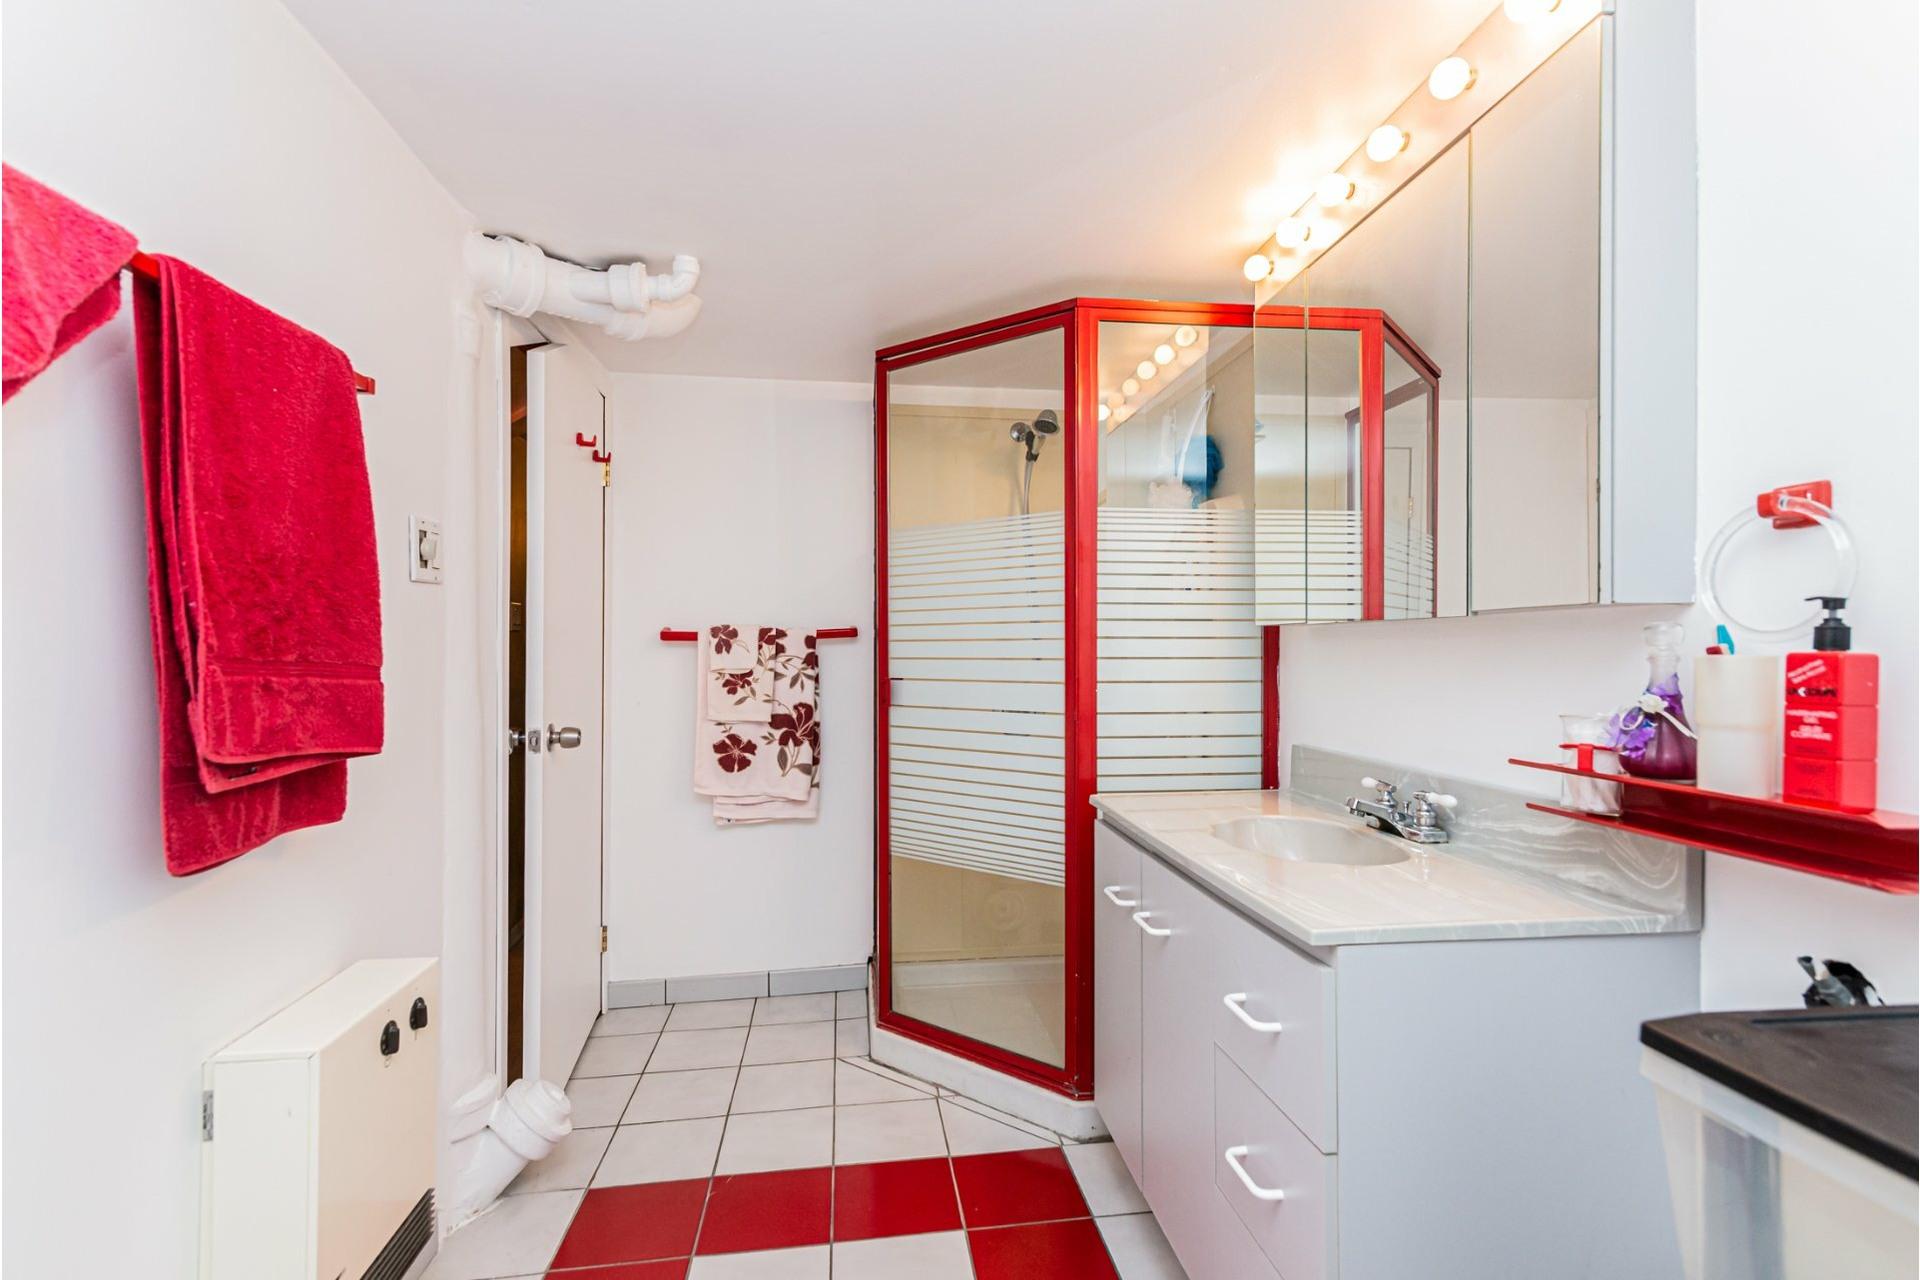 image 17 - Duplex À vendre Mercier/Hochelaga-Maisonneuve Montréal  - 4 pièces